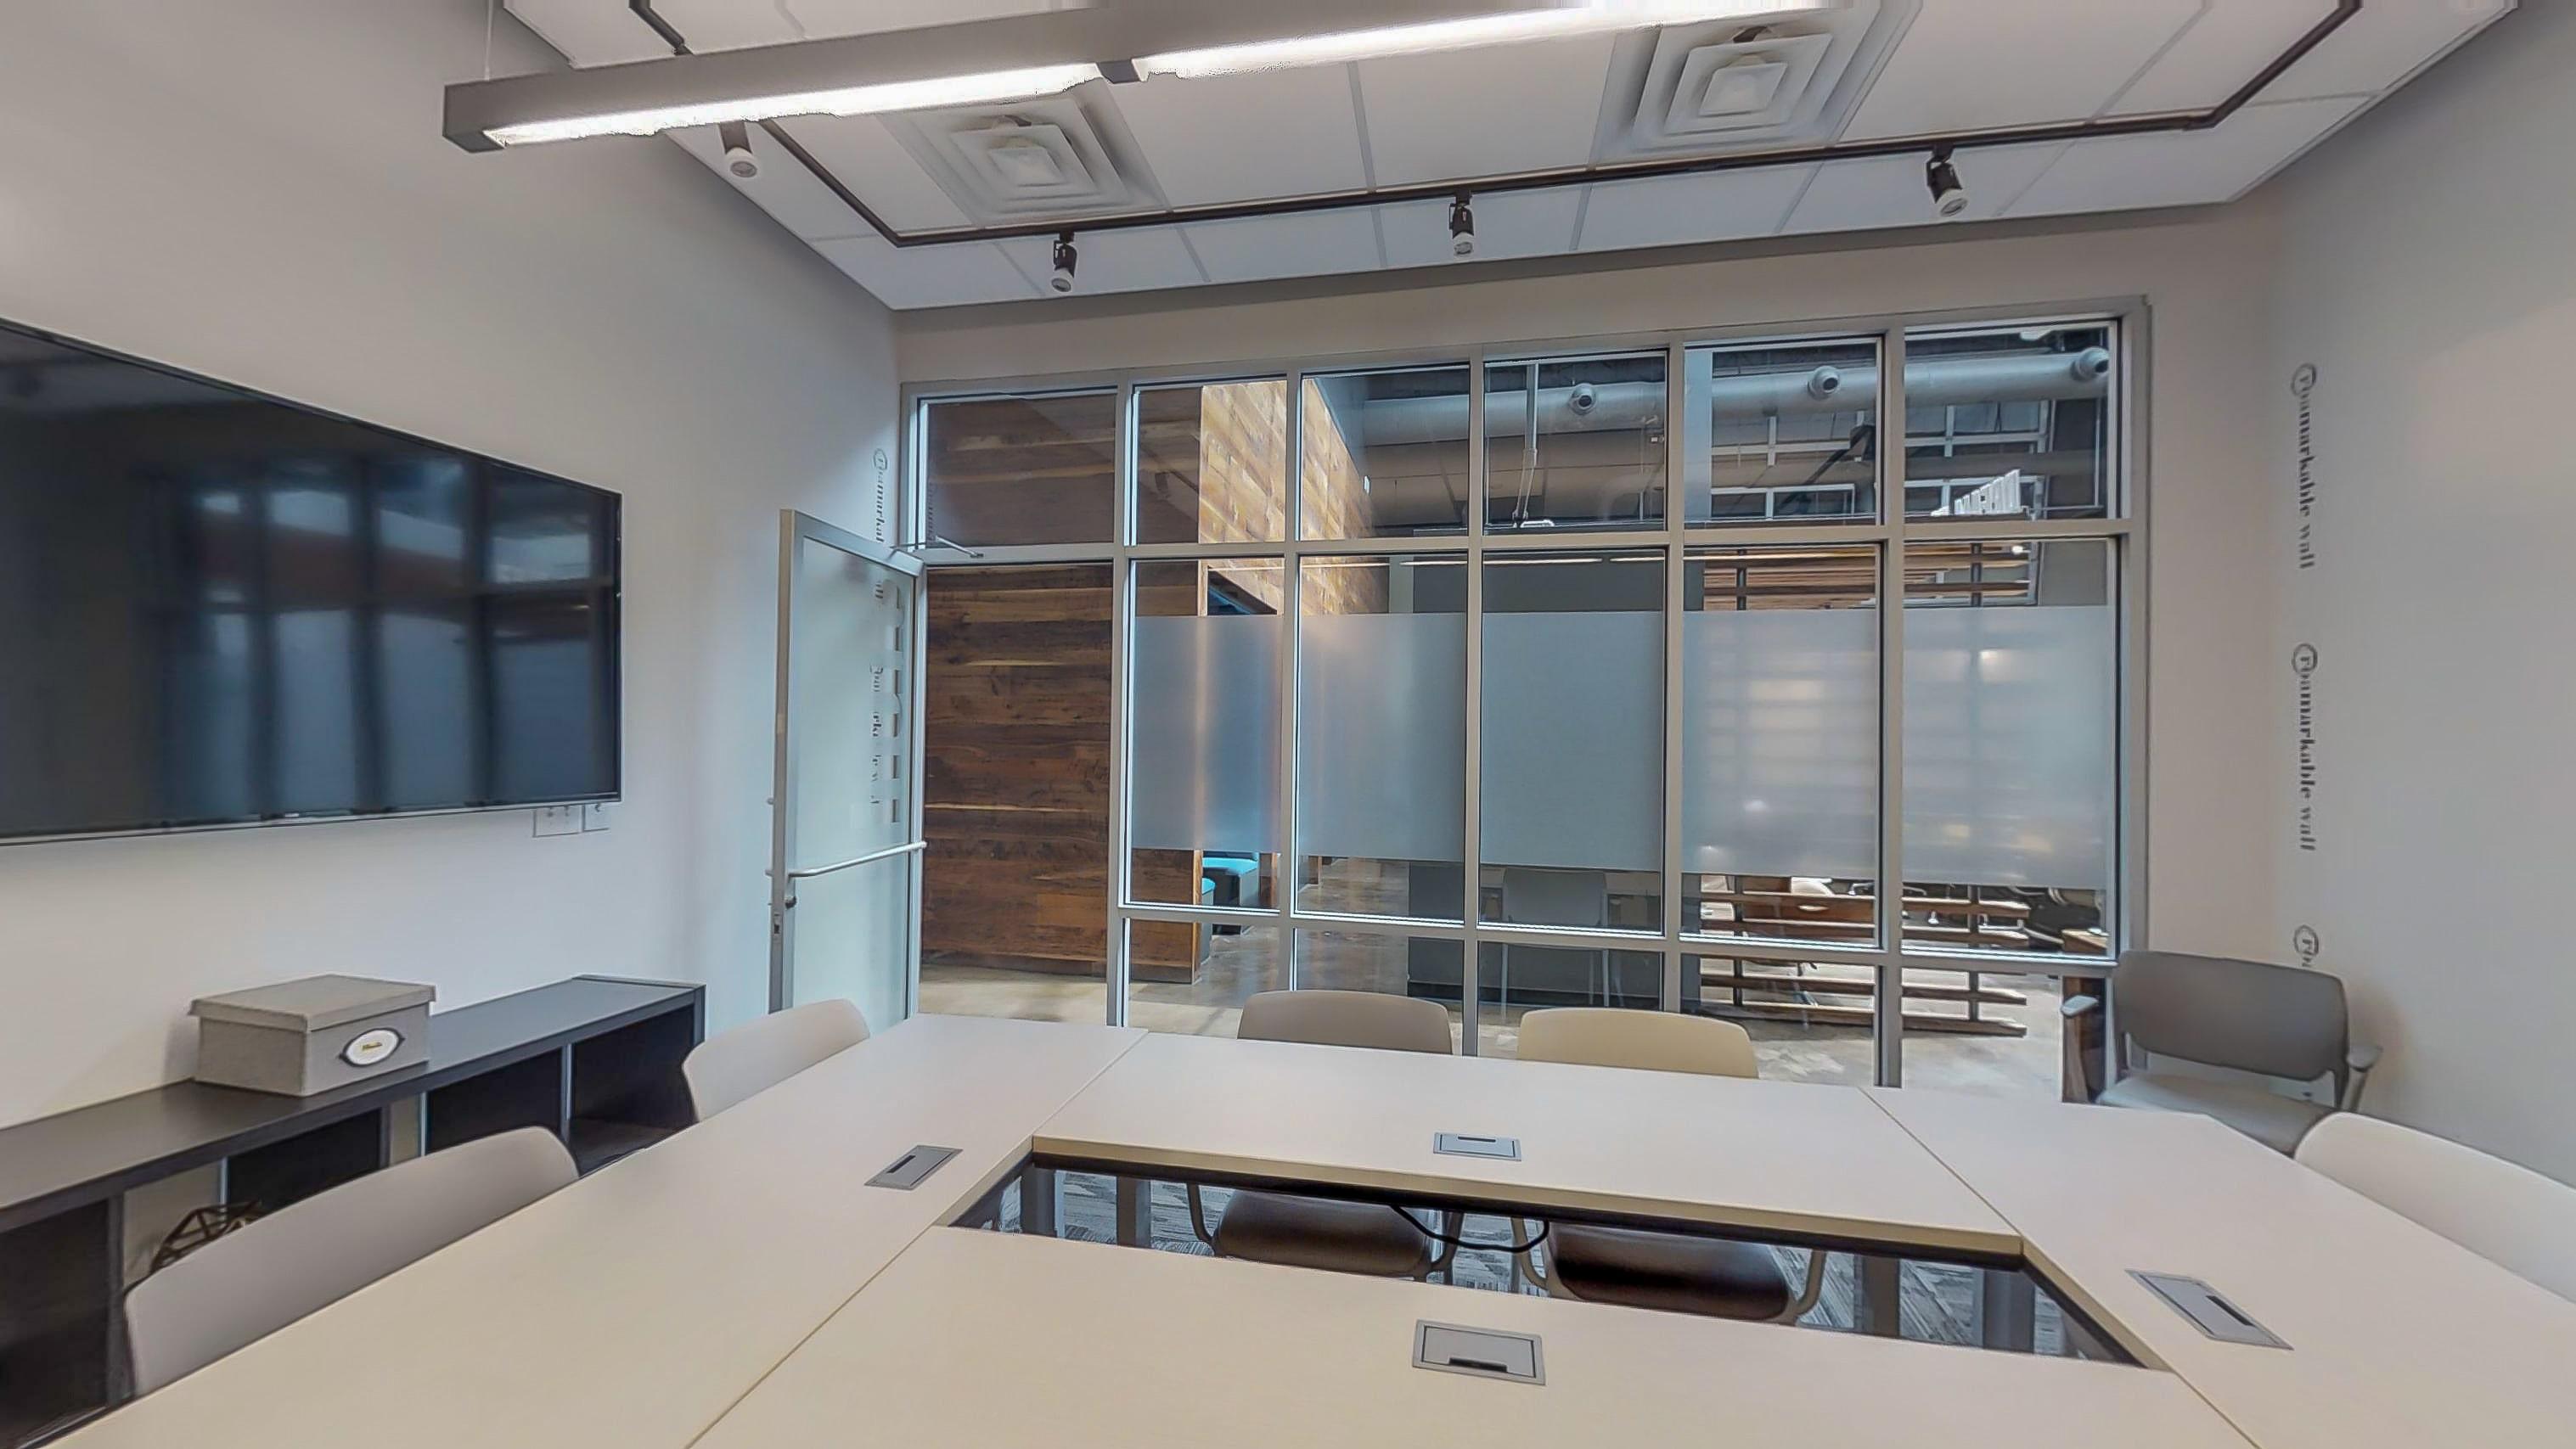 Meeting room with windows at Roam in Atlanta, GA